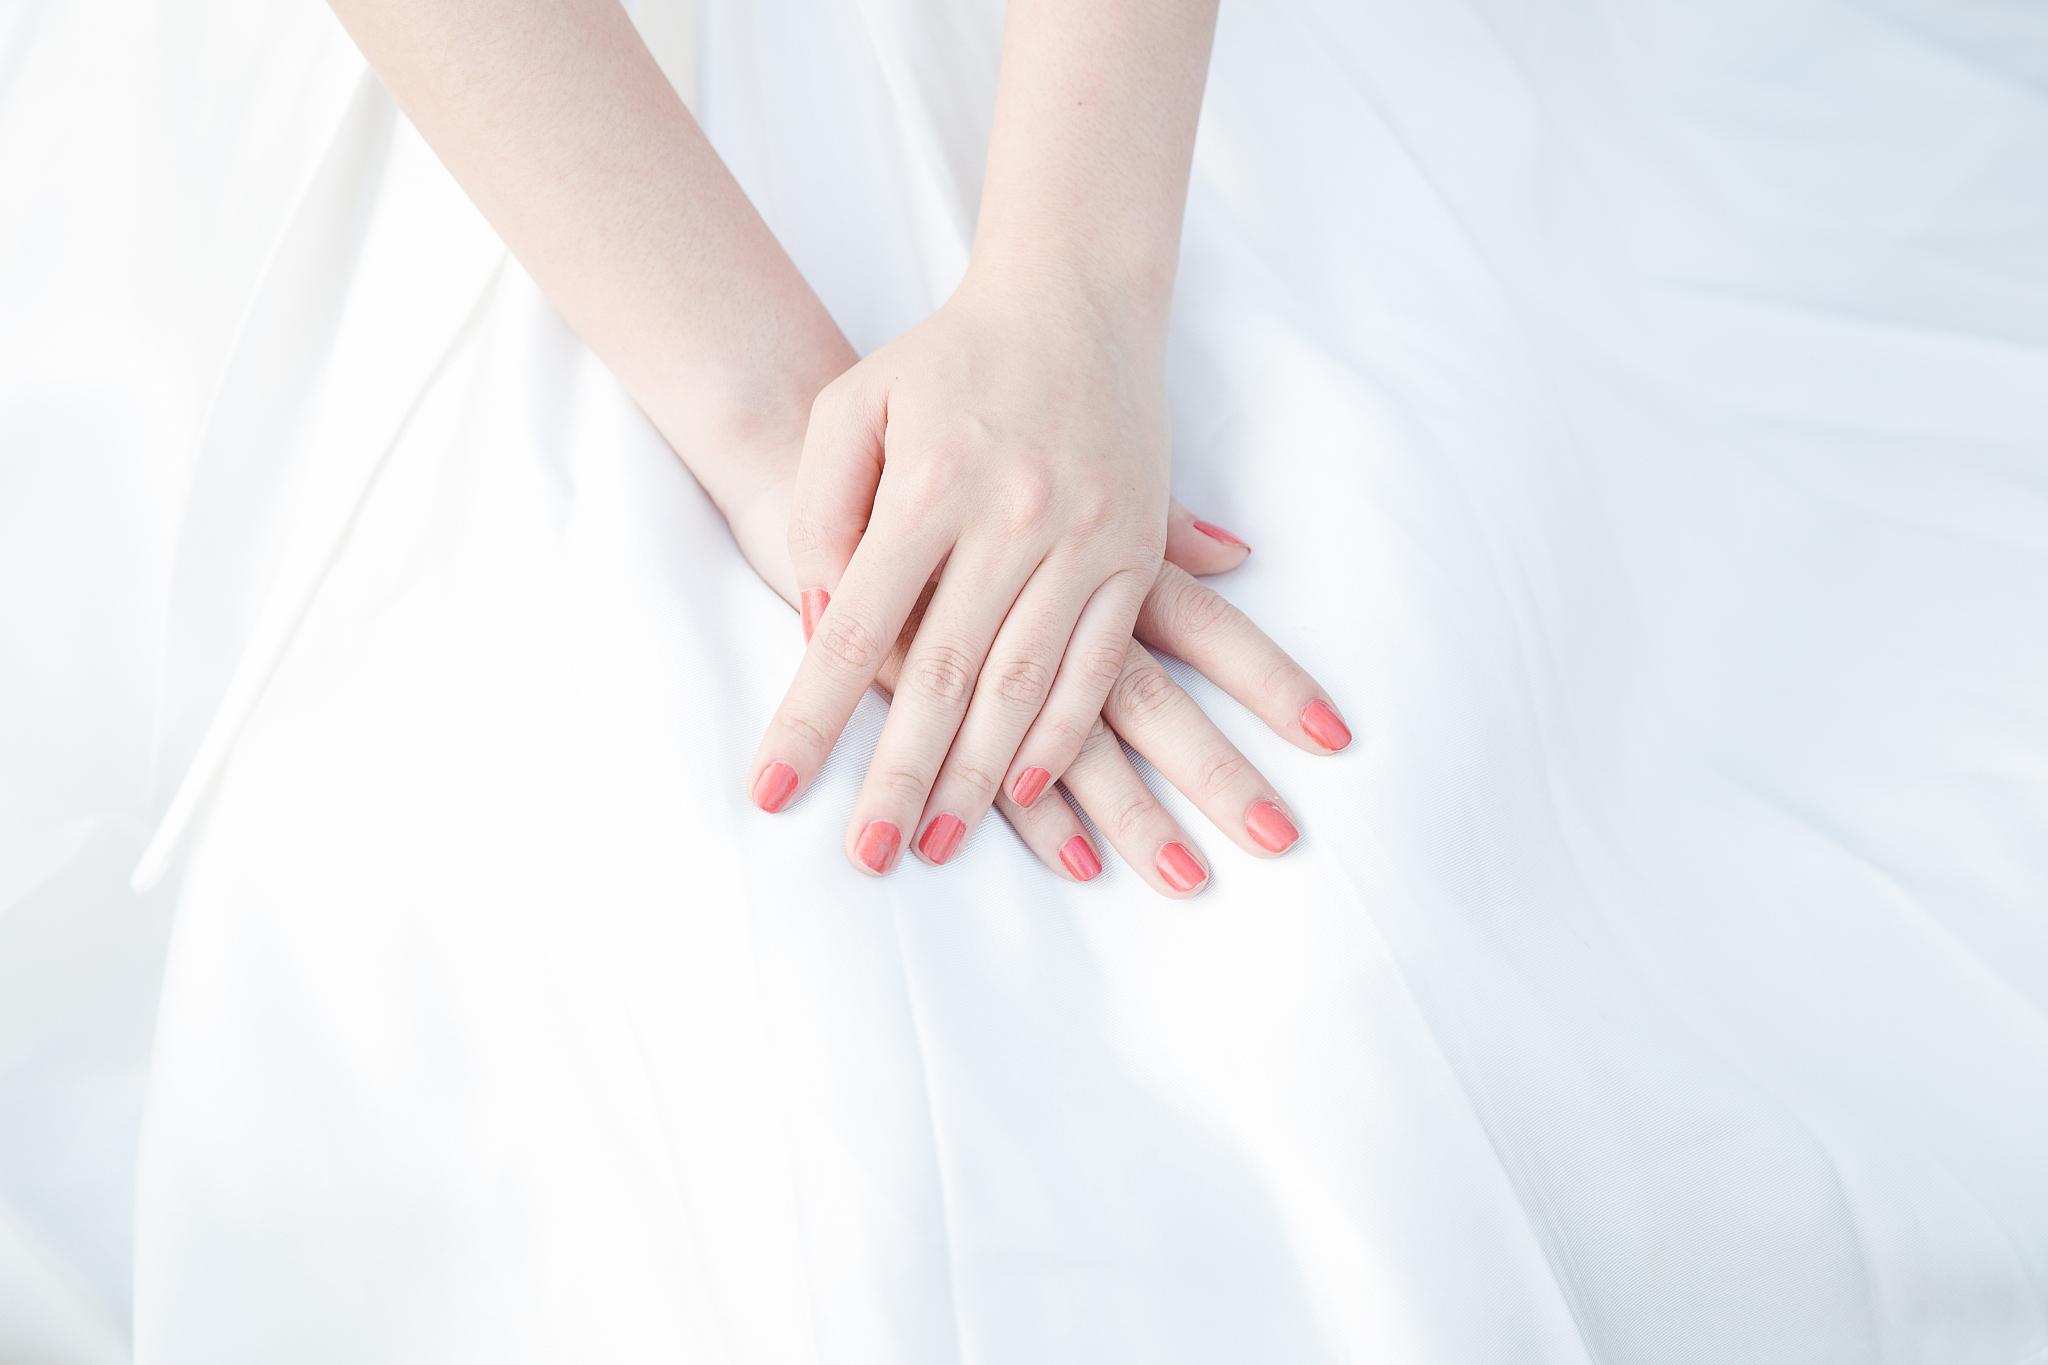 八字选结婚日子免费 双方生辰八字选择结婚吉日